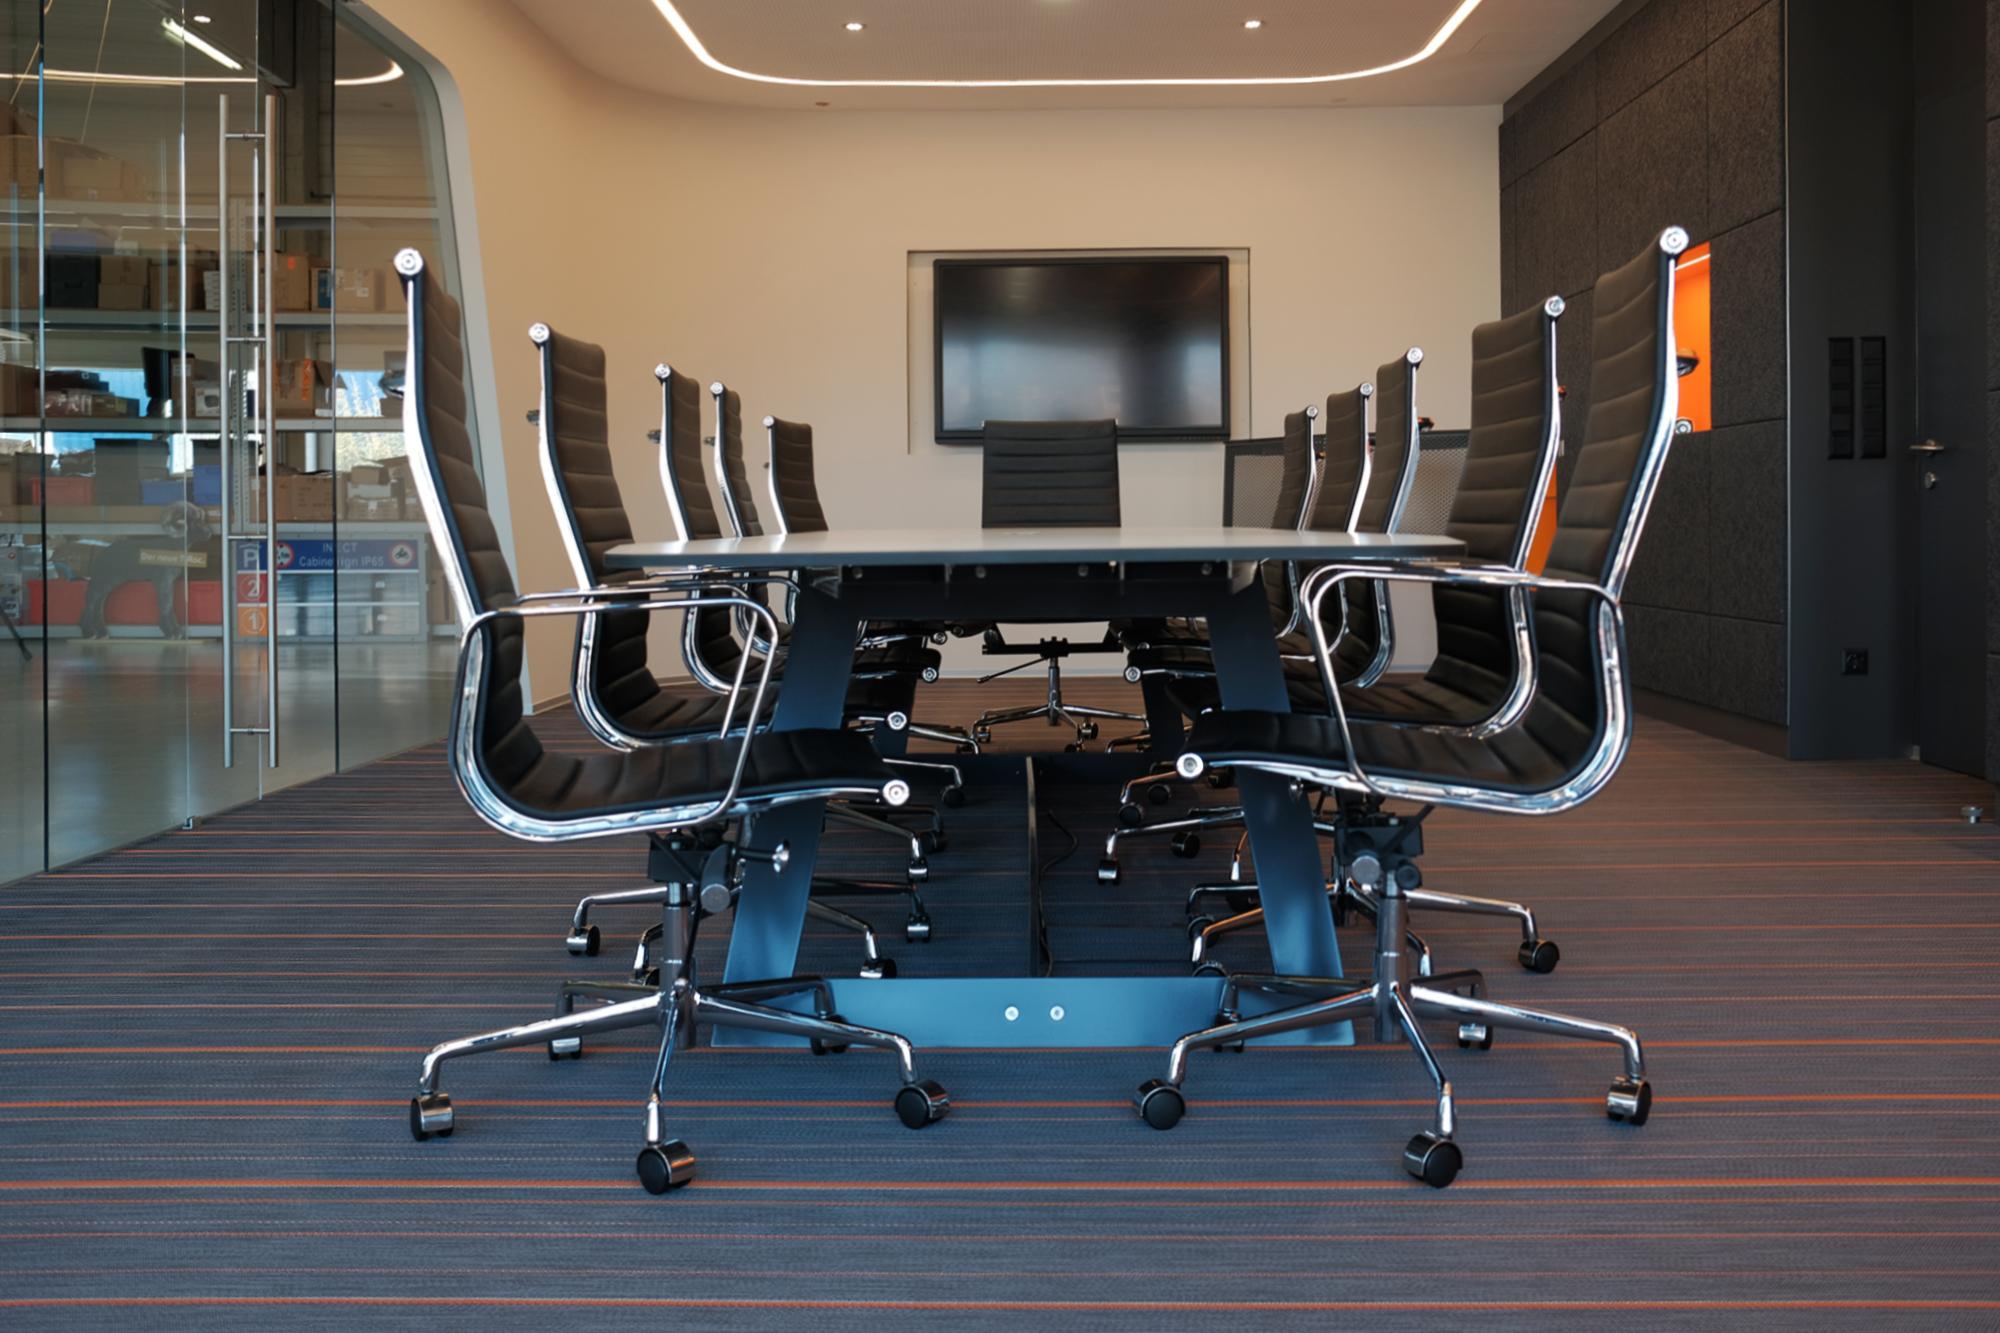 Indect Showroom - Blick auf den Besprechungstisch mit Bürostühlen